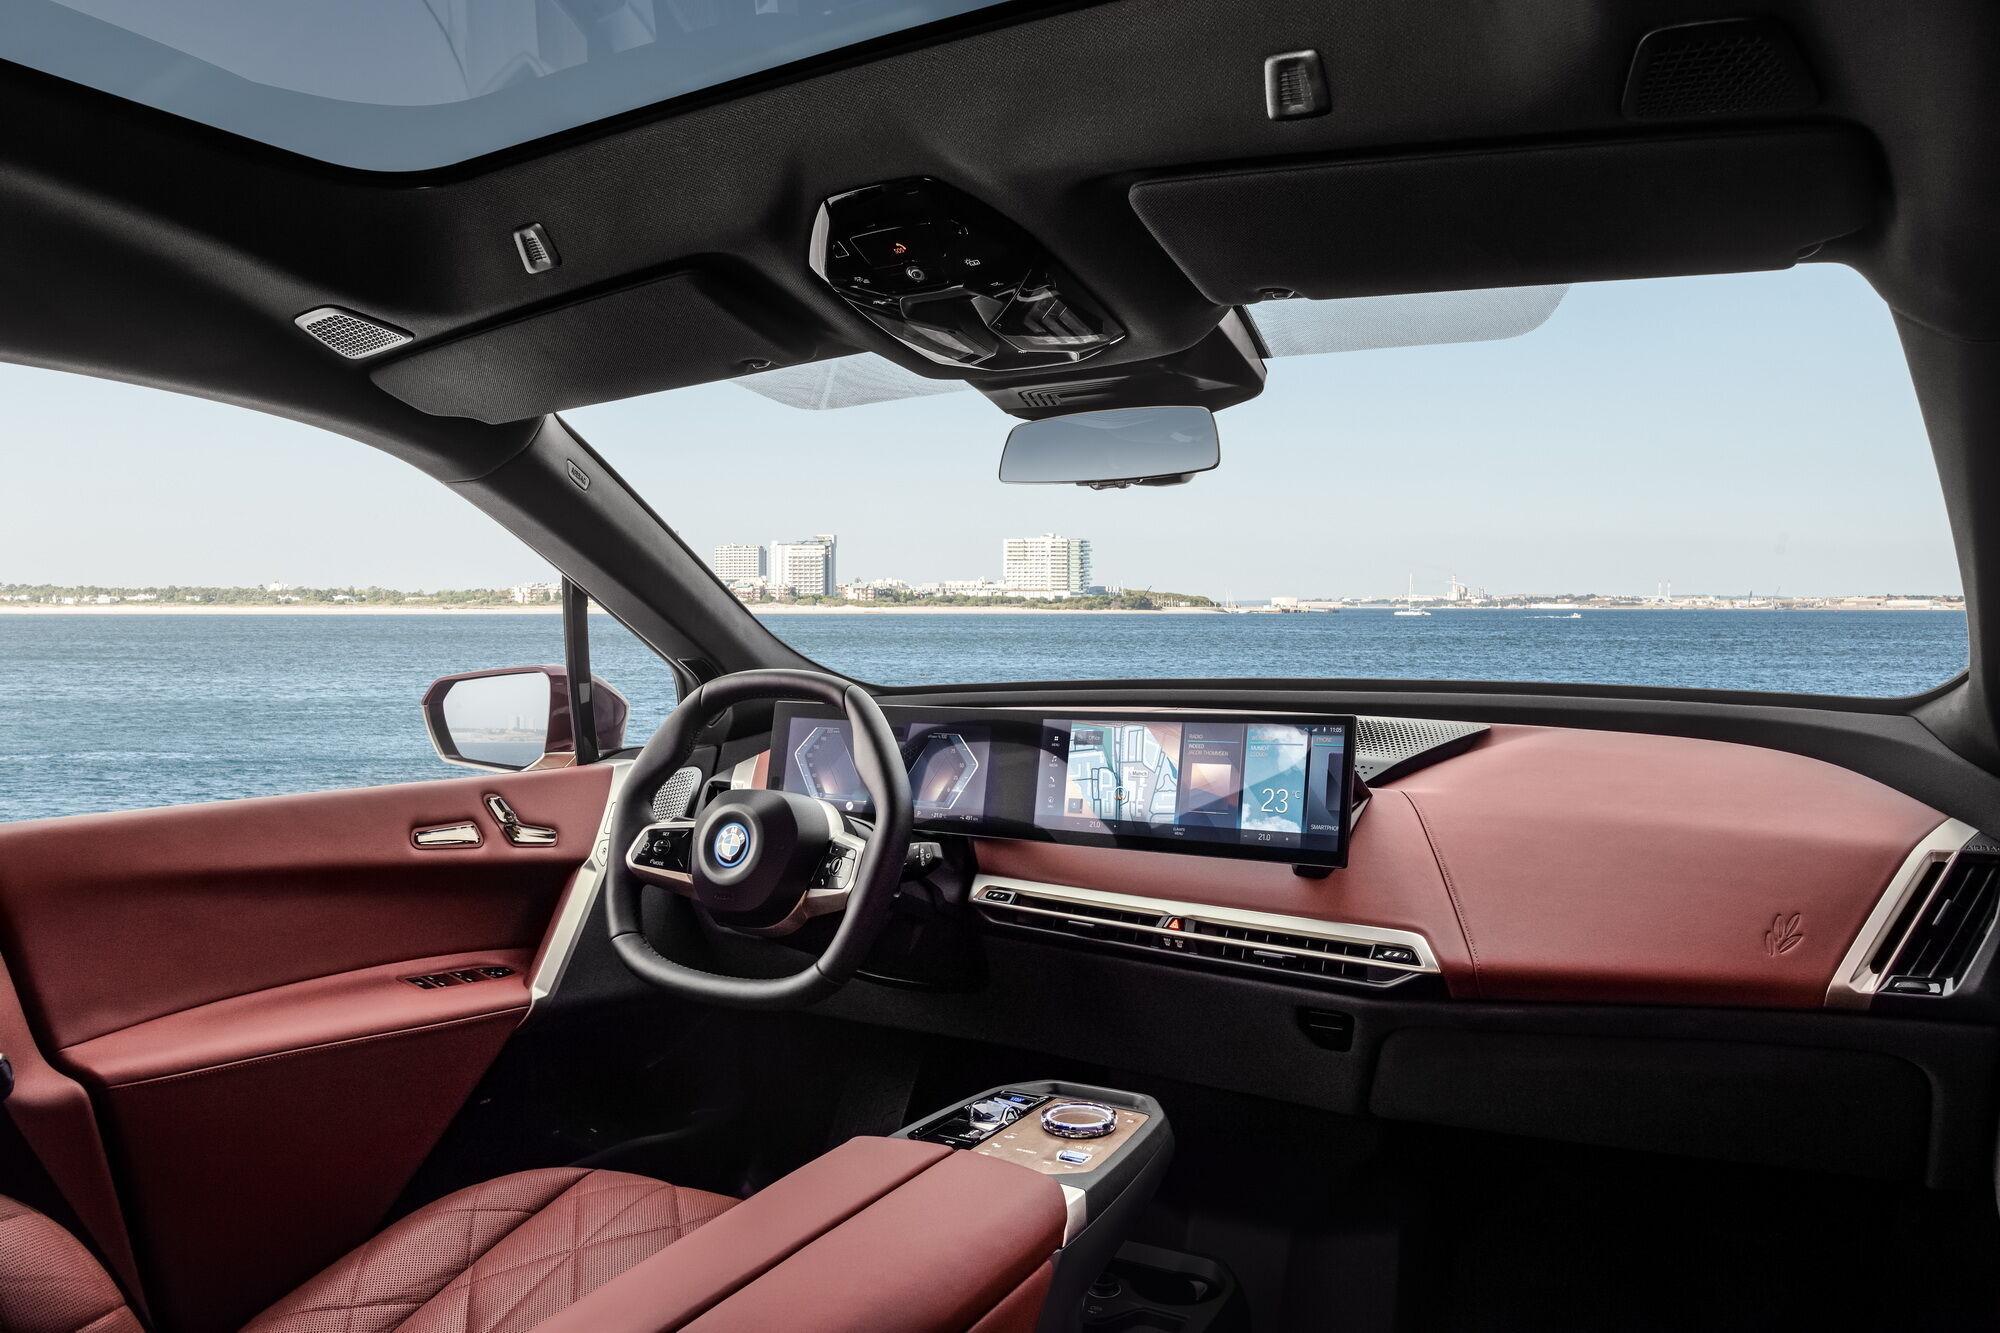 iX стане першим автомобілем BMW, який отримає абсолютно нову інформаційно-розважальну систему iDrive 8-го покоління